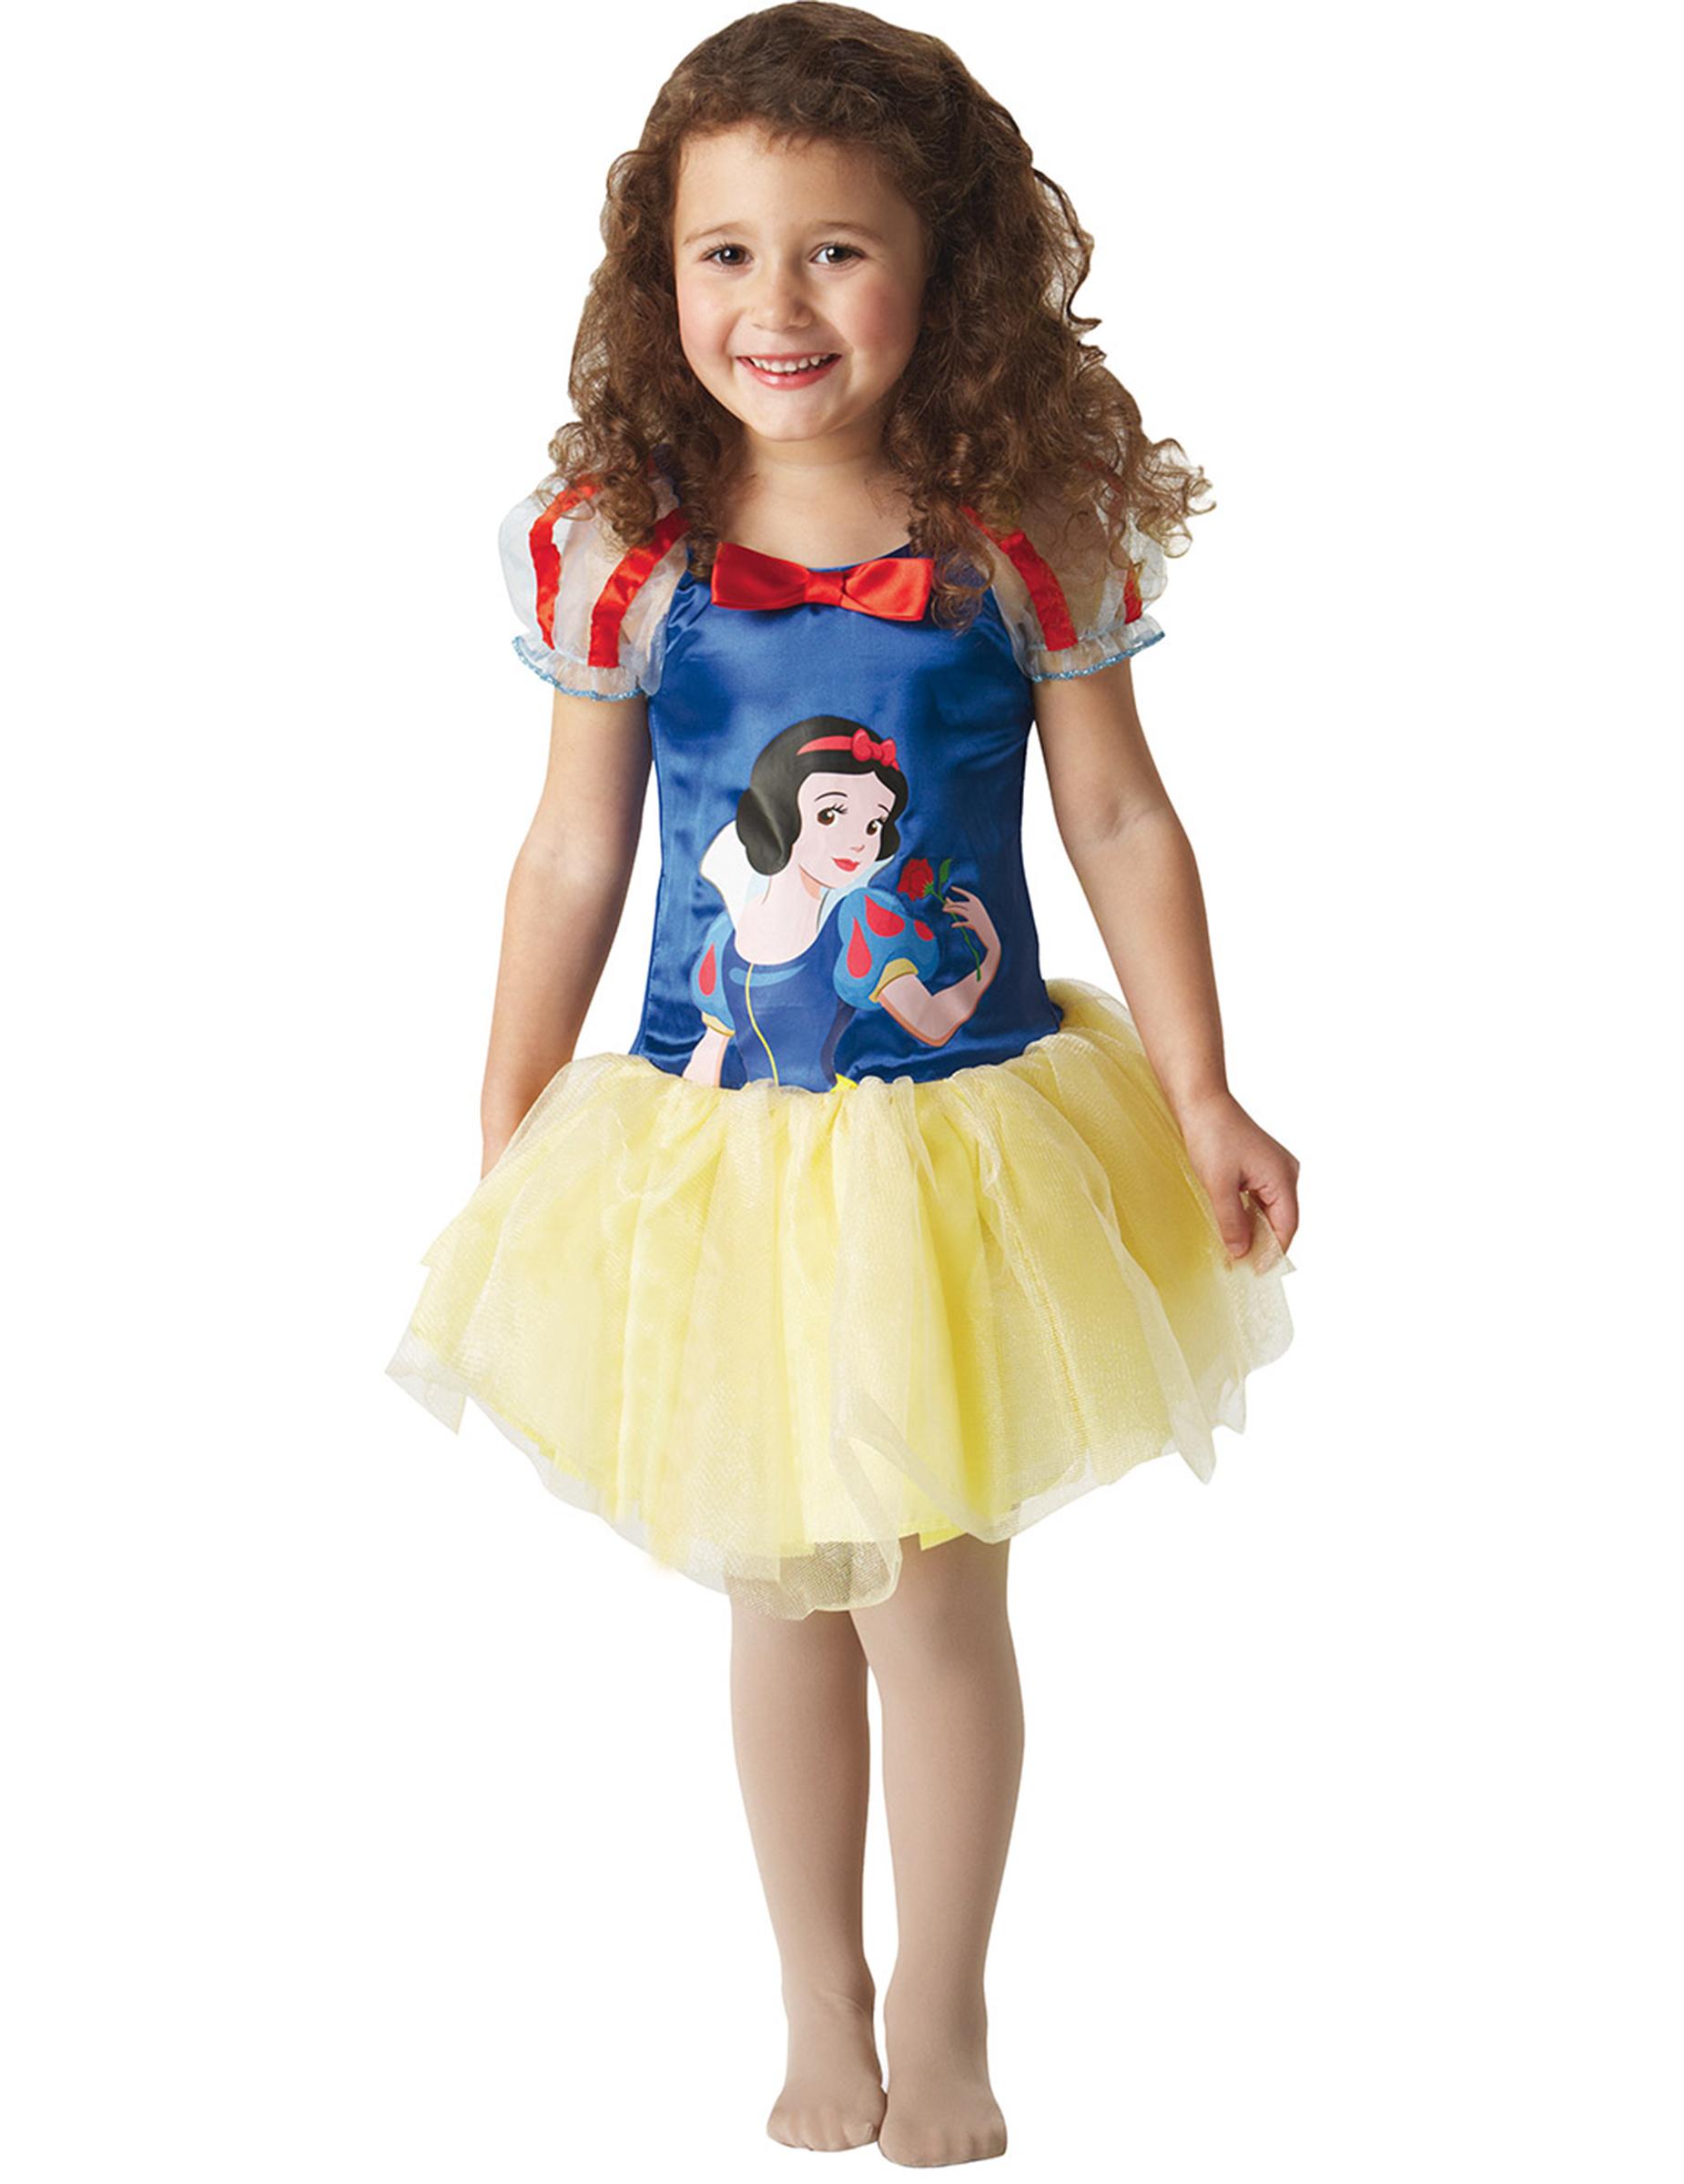 Costume ballerina Biancaneve™ per bambina  Costumi bambini d5e92ddf07d